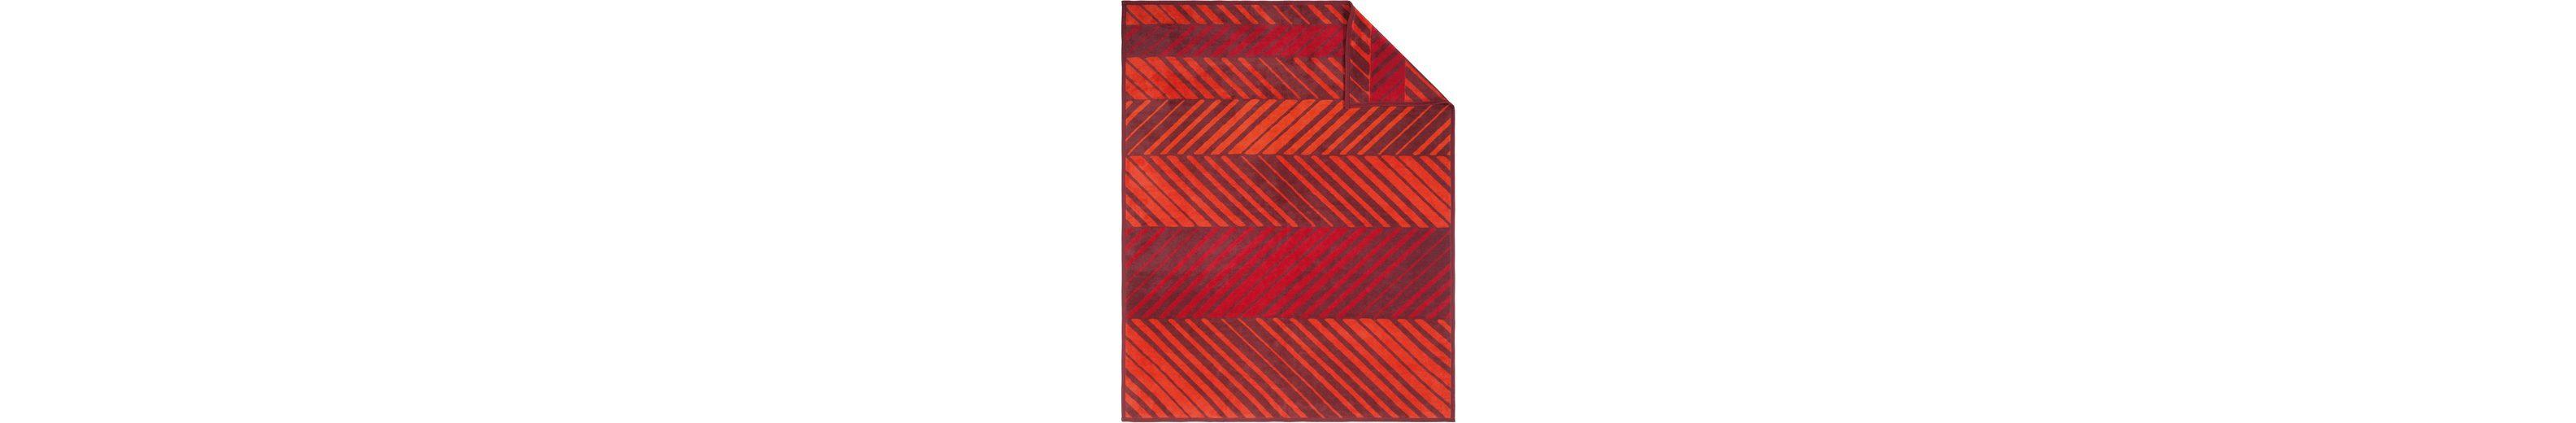 Wohndecke, Ibena, »Diago«, mit diagonalen Linien